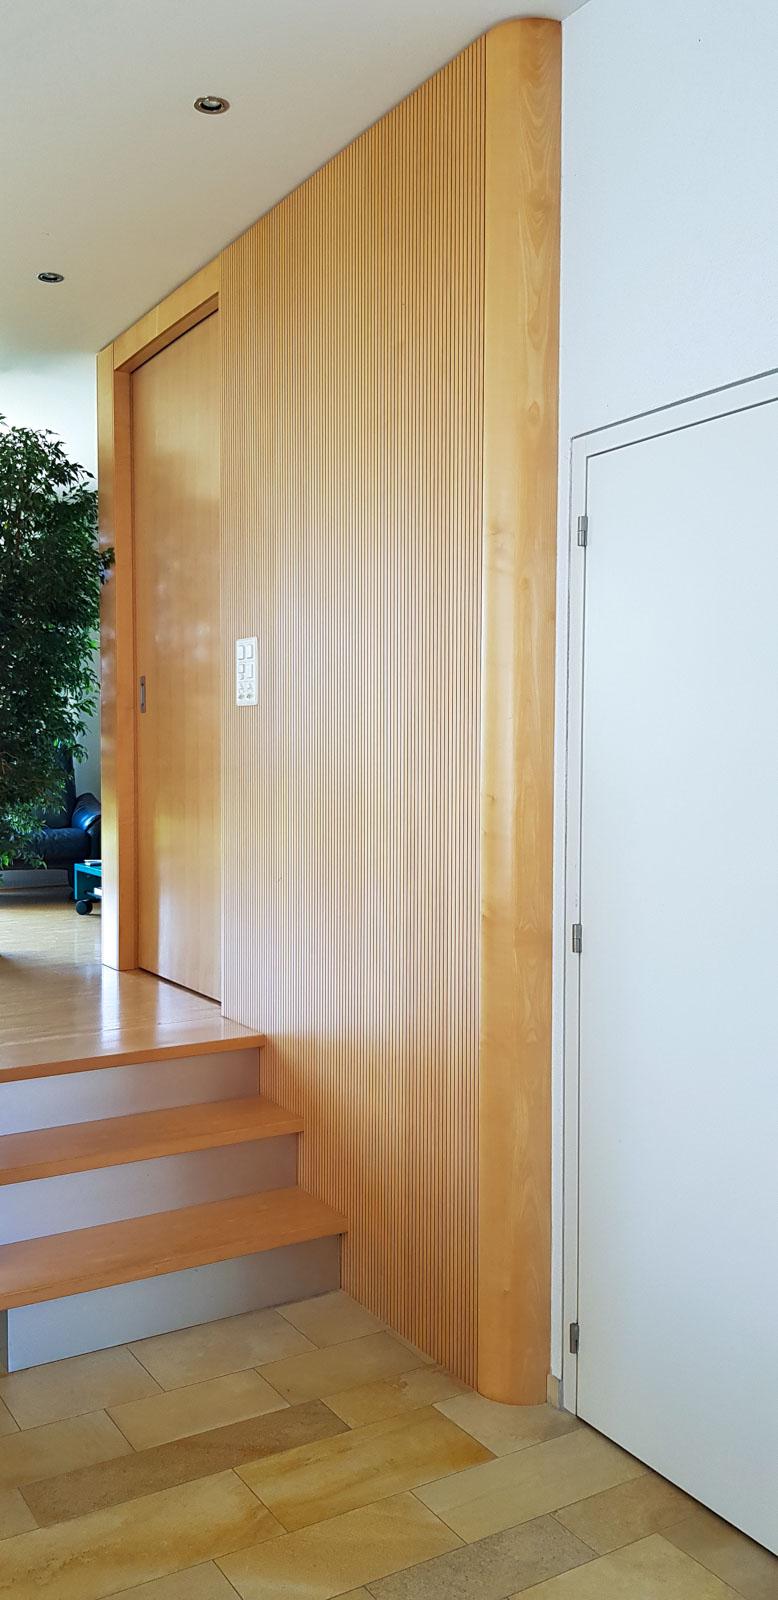 Wooddesign_Wohnzimmermöbel_Ahorn_ hell_Schallabsorption_Schalldämmung_Schiebetüre (3)